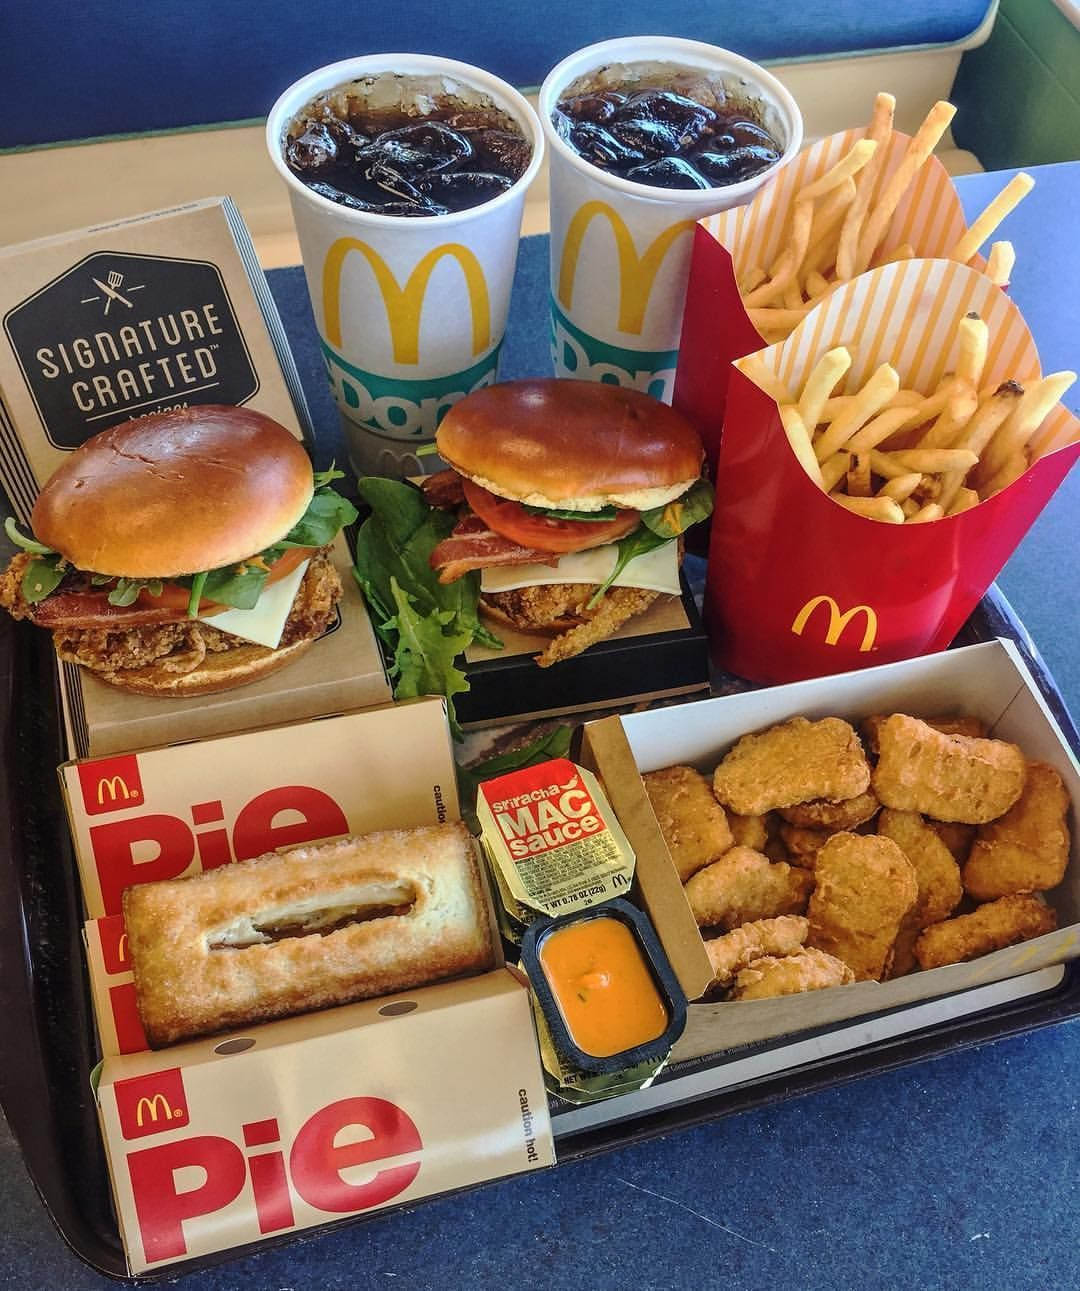 12 Unbelievable Is Junk Food To Be Blamed Ideas In 2020 Free Fast Food Junk Food Snacks Food Cravings